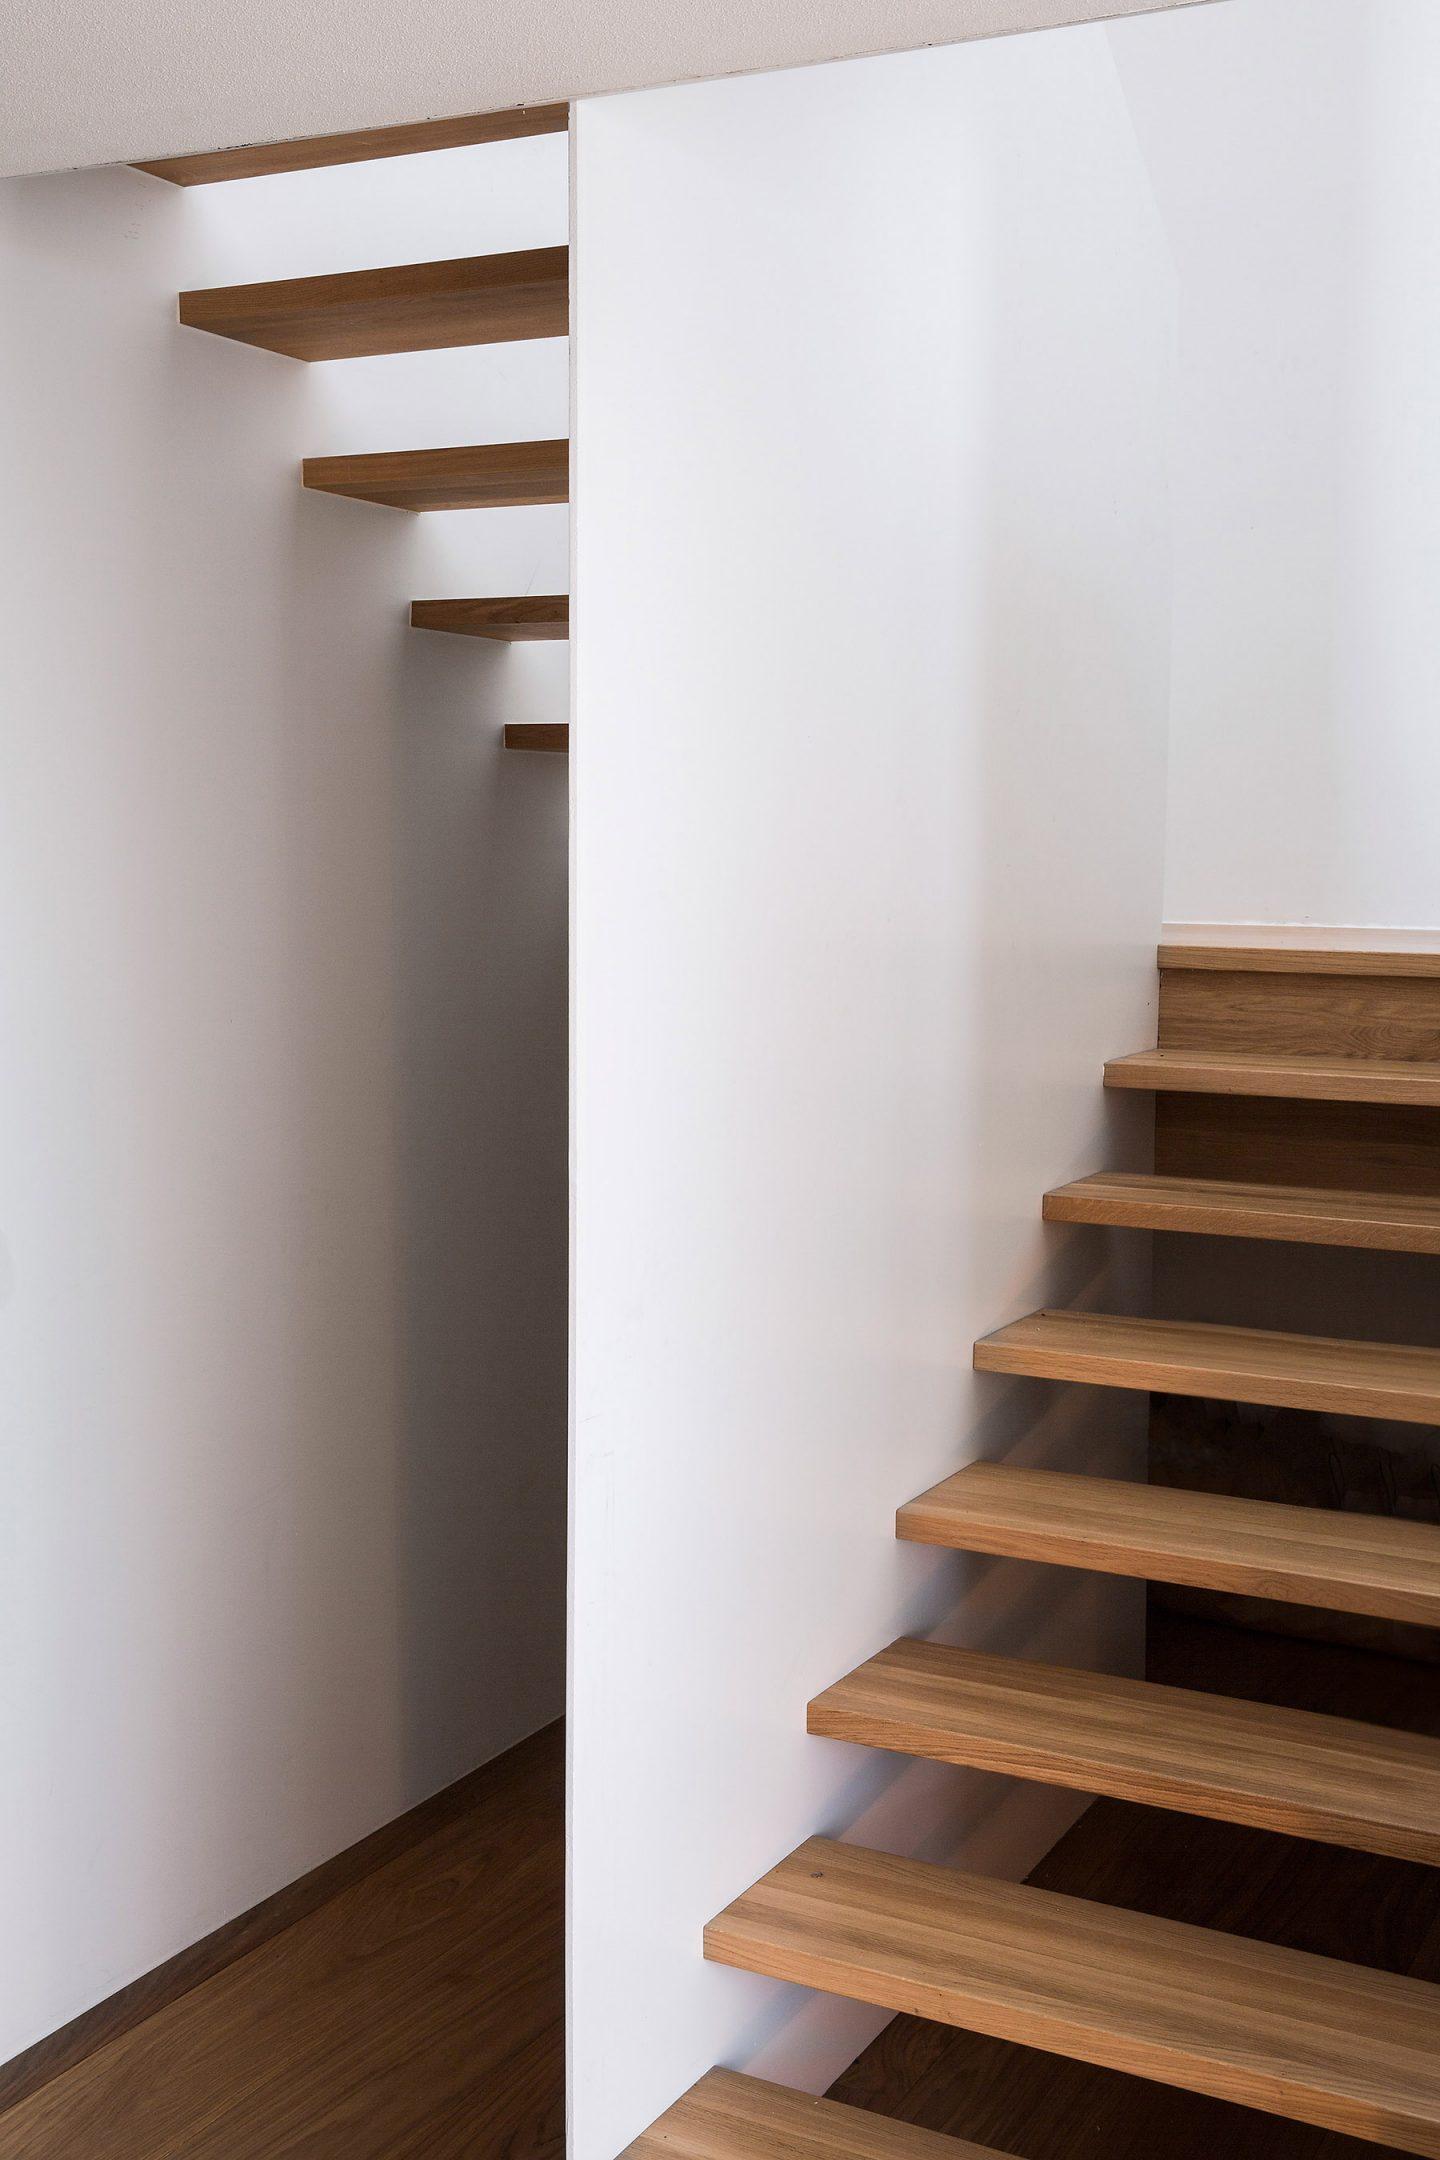 iGNANT-Architecture-Norm-Architects-Gjovik-House-16